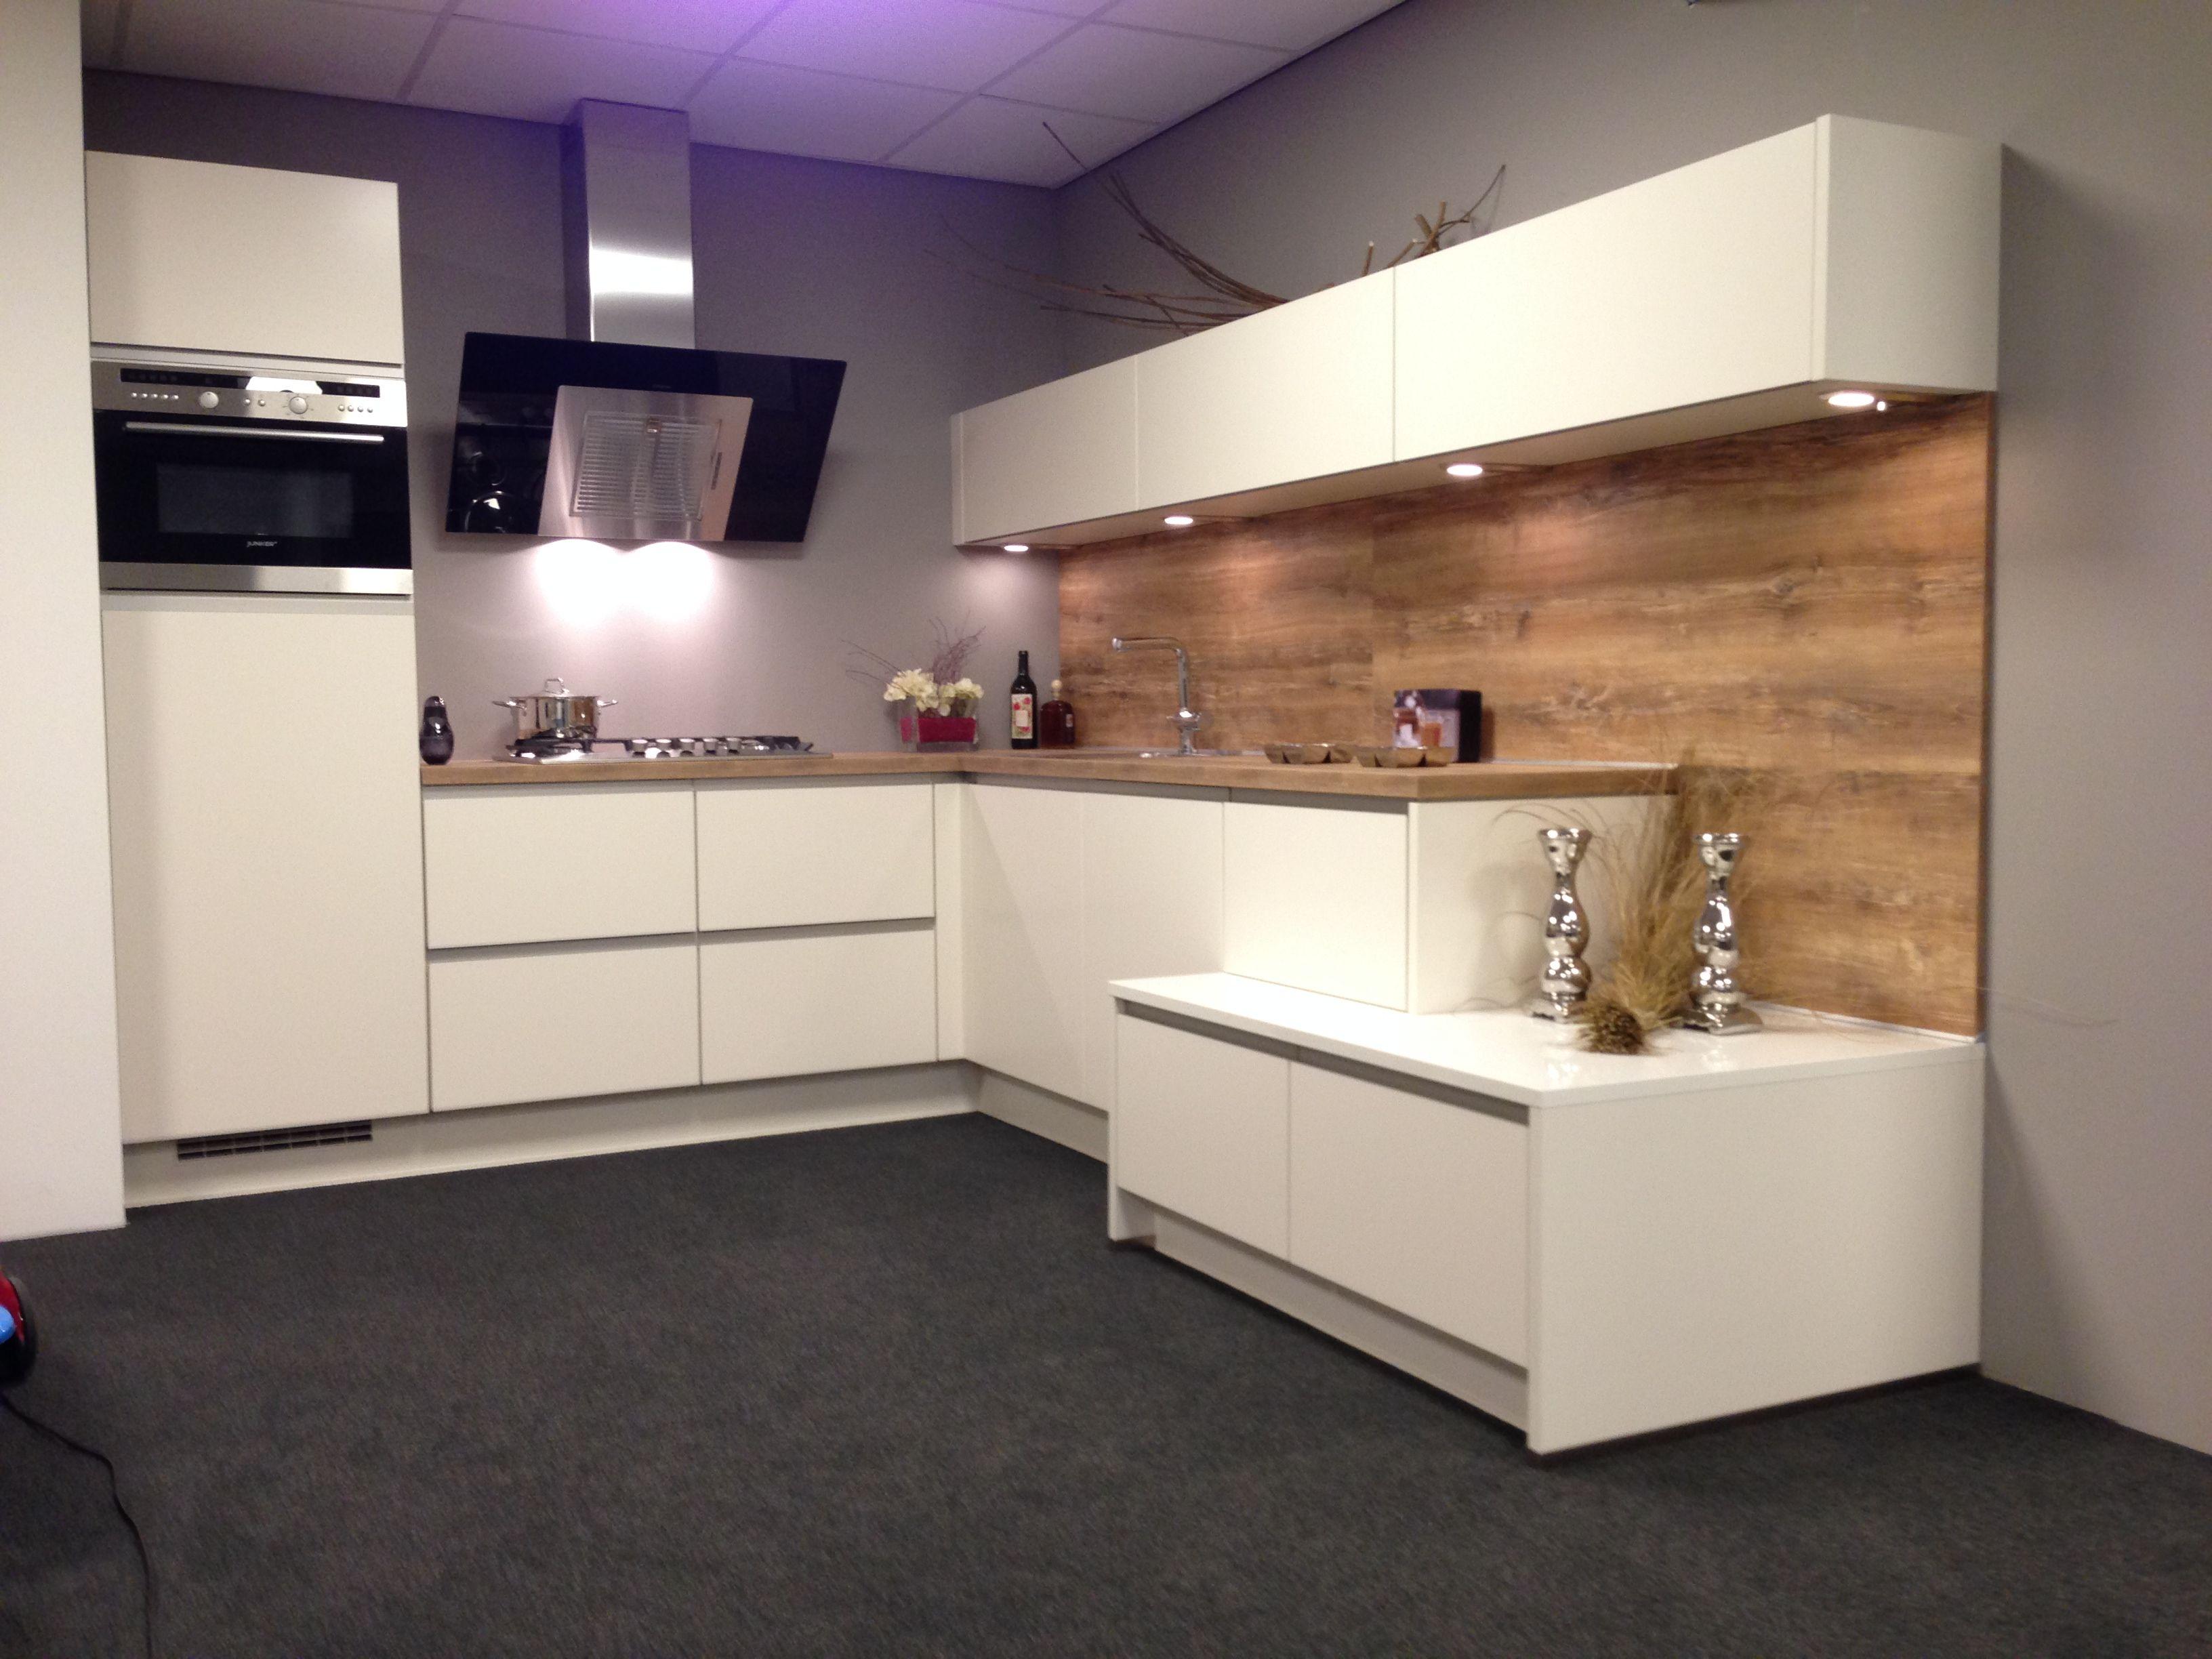 Design Keuken Greeploos : Fraaie stoere design keuken. hoogglans greeploos wit met een